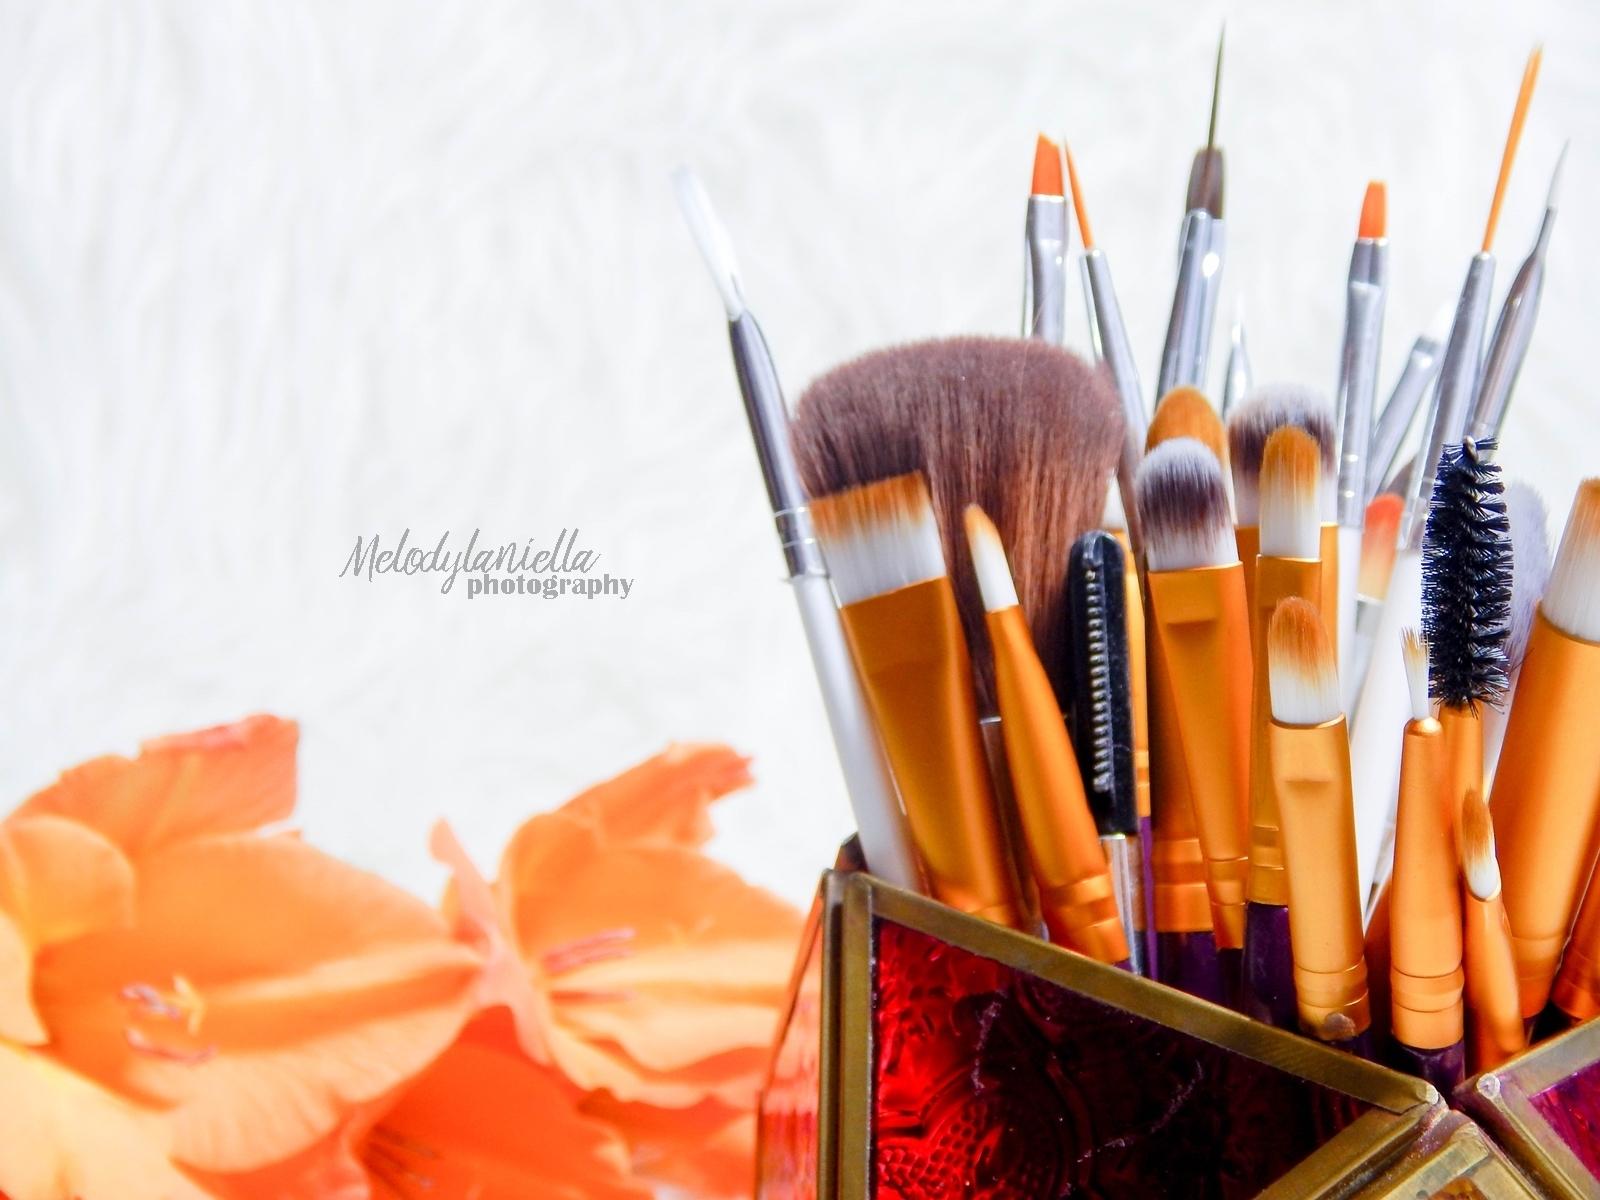 010chińskie tanie pędzle do makijażu czy warto zakupy haul makeup brushes czy warto kupować w chinach